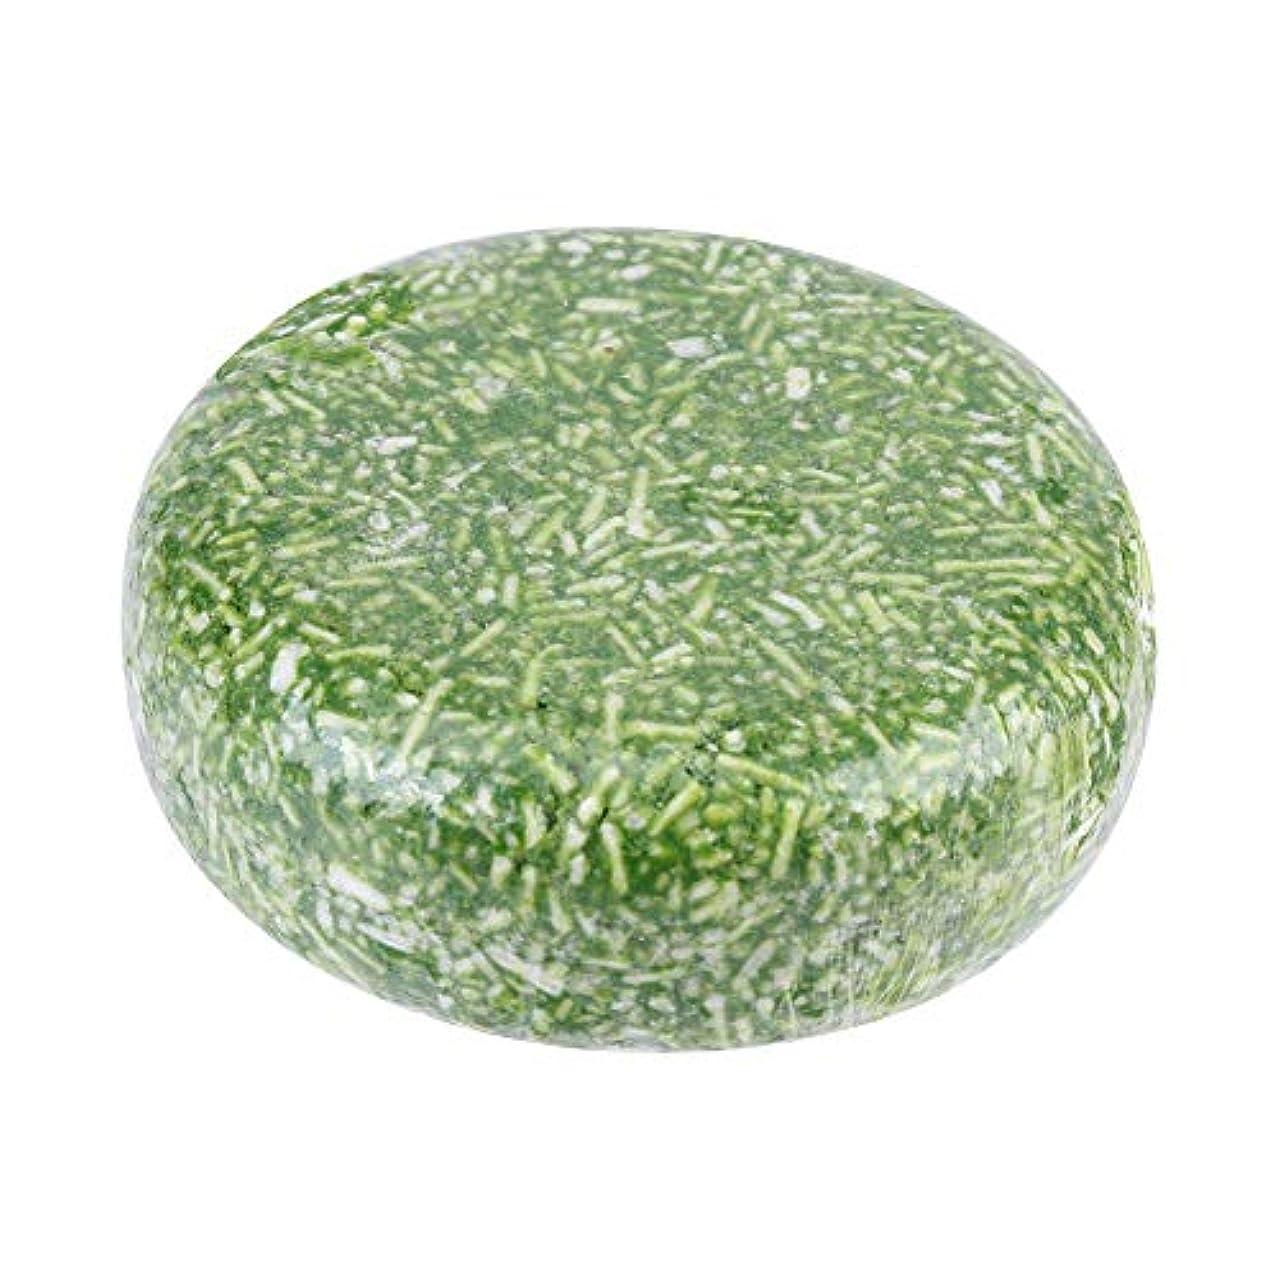 ミリメートルタッチなんとなくオーガニック手作り冷たいシナモンシャンプーバー100%ピュアヘアシャンプー(グリーン)